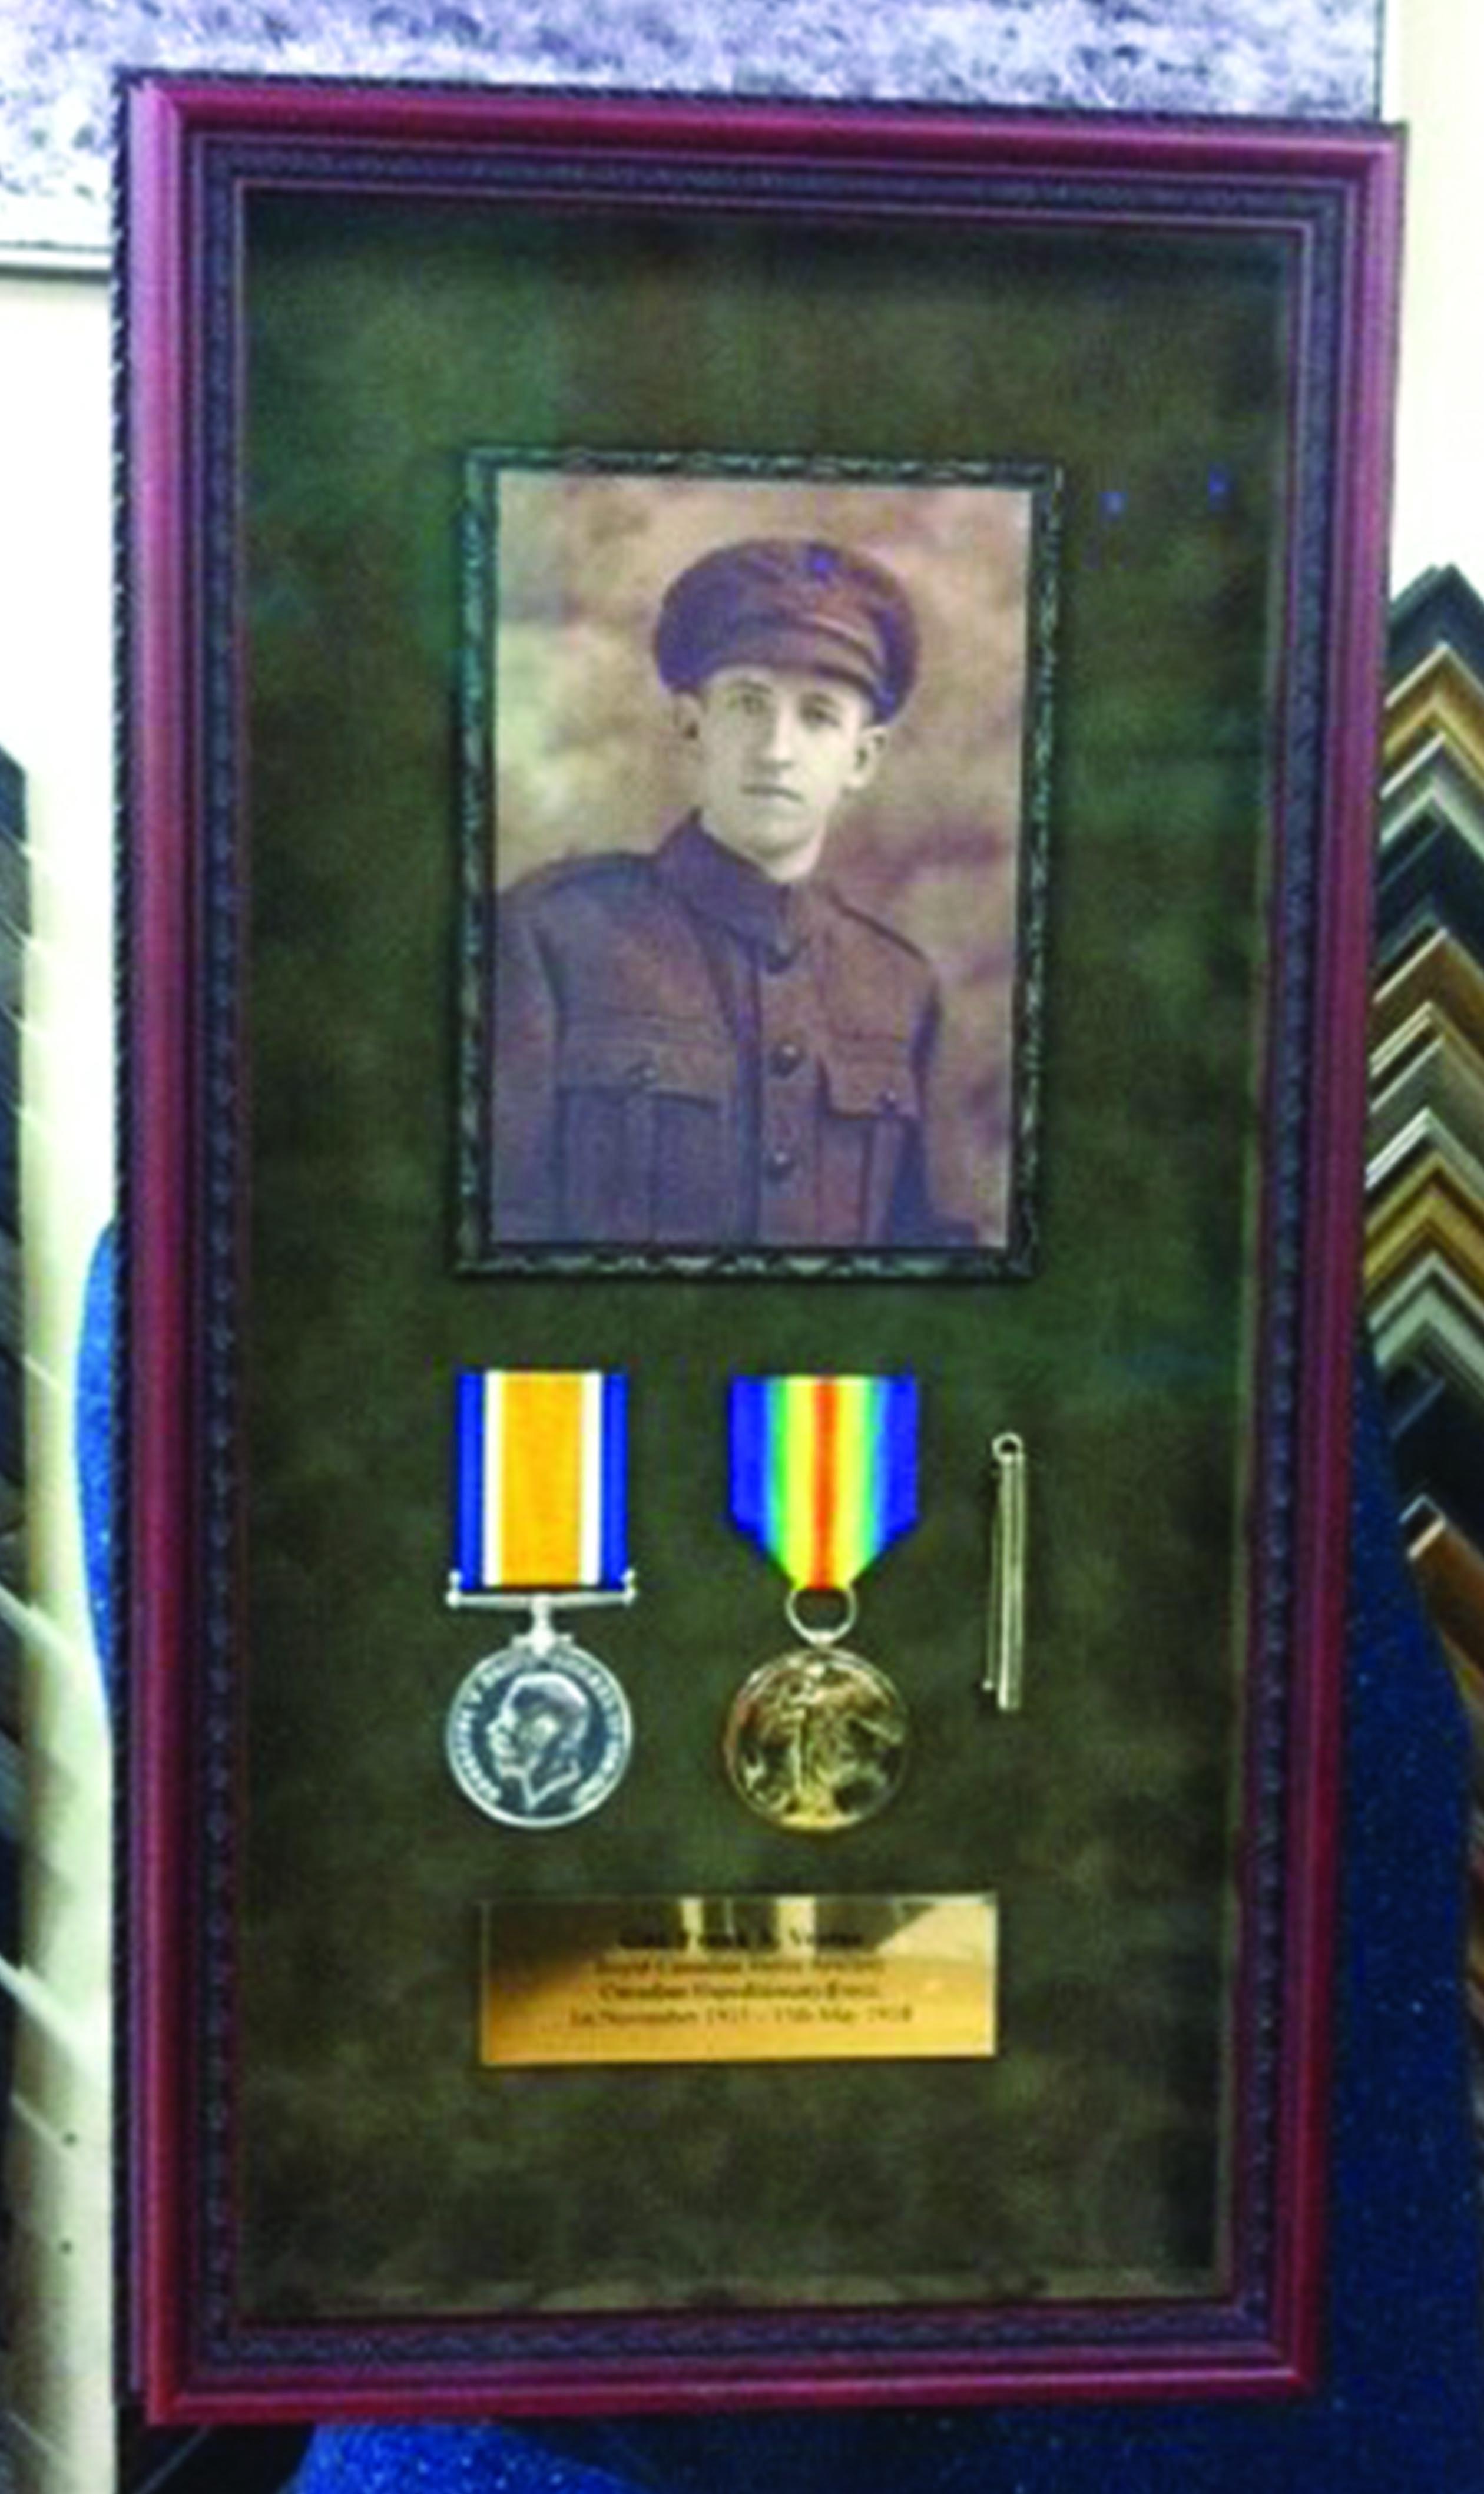 https://0901.nccdn.net/4_2/000/000/082/8ea/medals-feb28-2520x4235.jpg